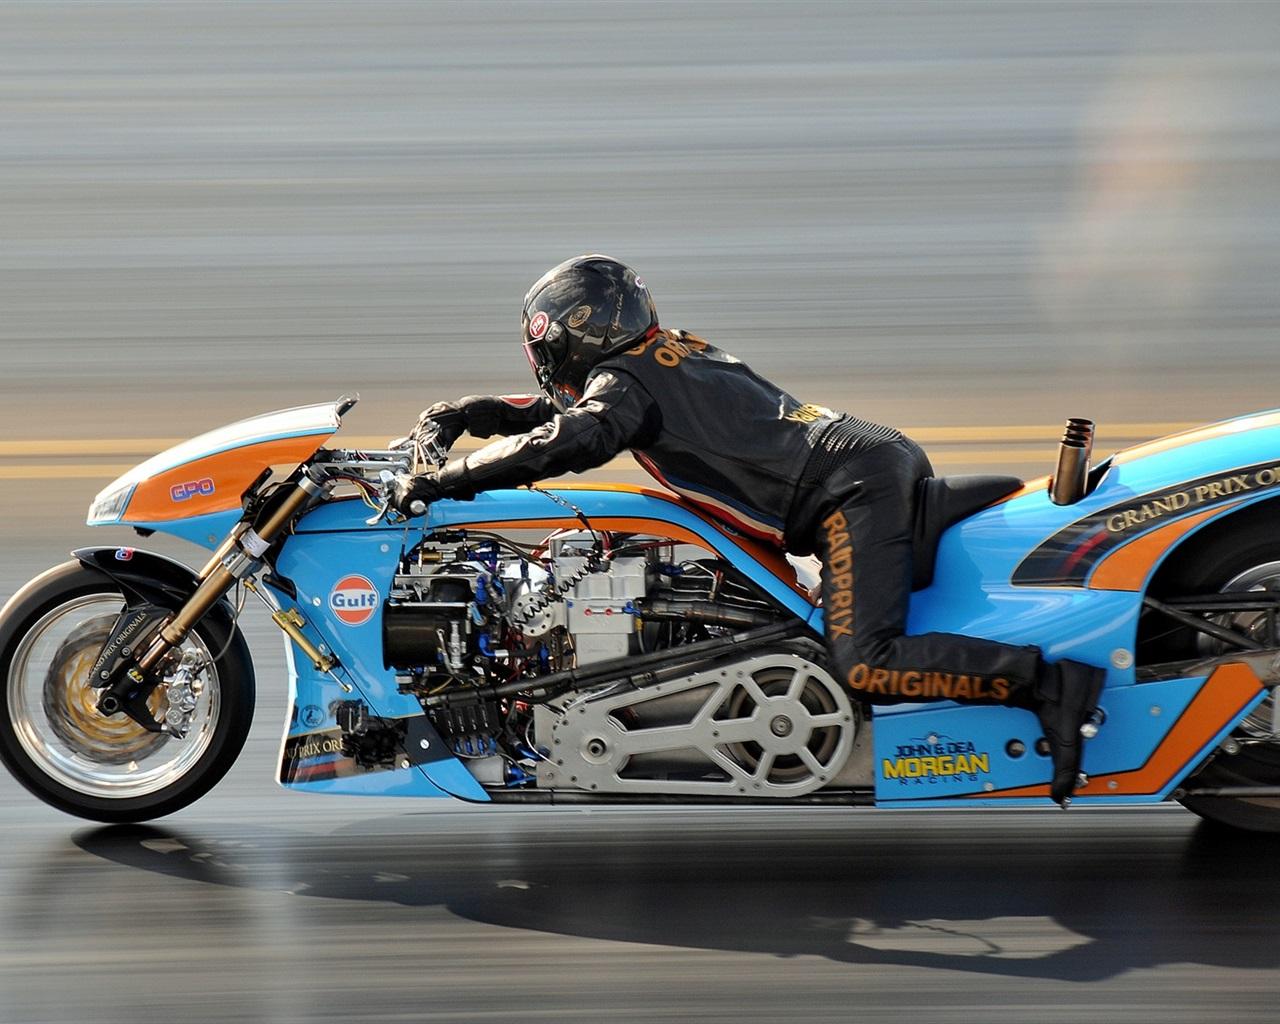 オートバイ、速度、ドラッグレース 壁紙 - 1280x1024   オートバイ、速度、ドラッグレ